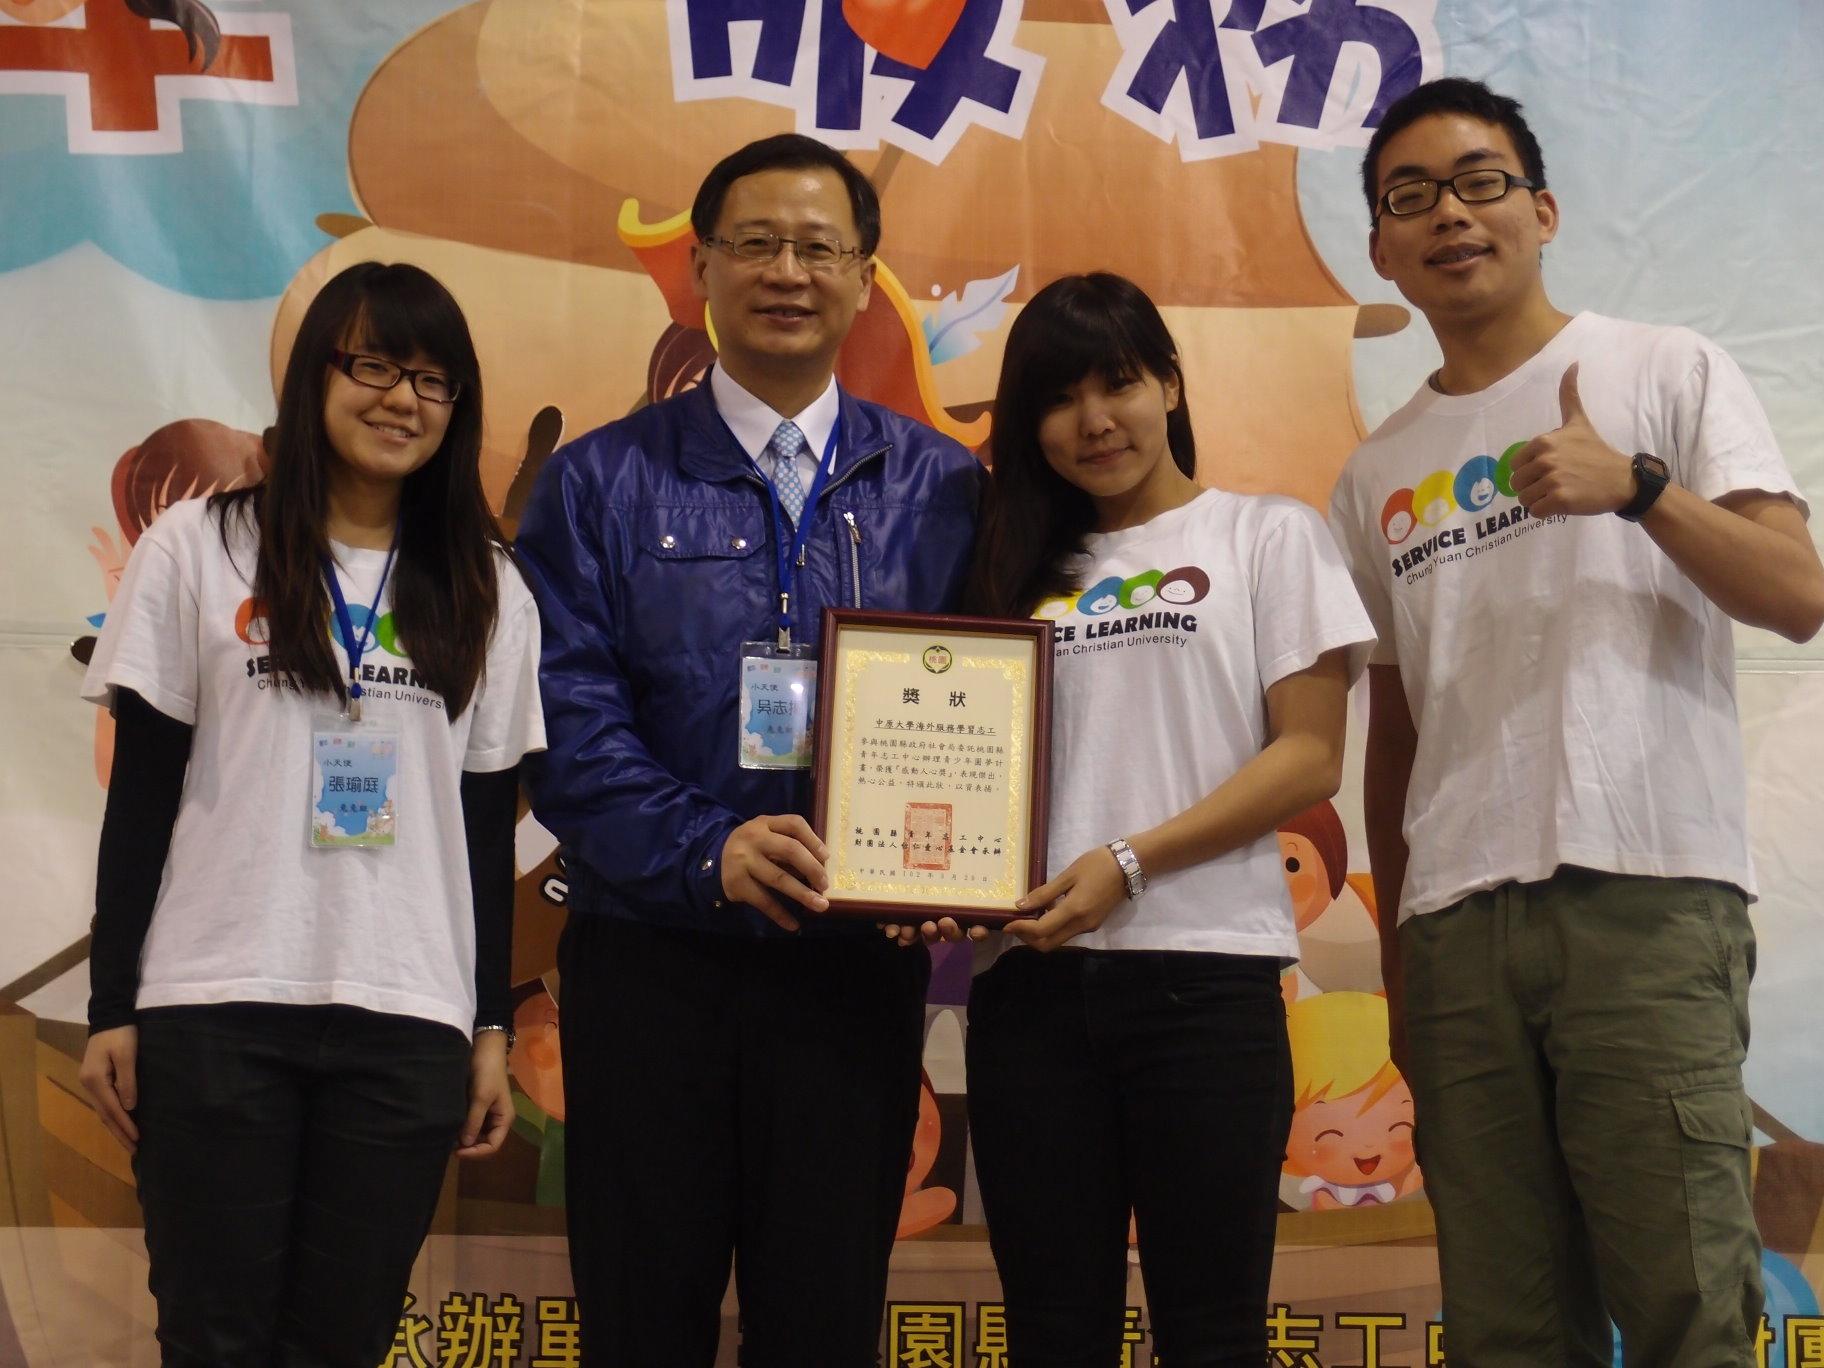 賀!中原大學服務學習榮獲「桃青領袖獎」